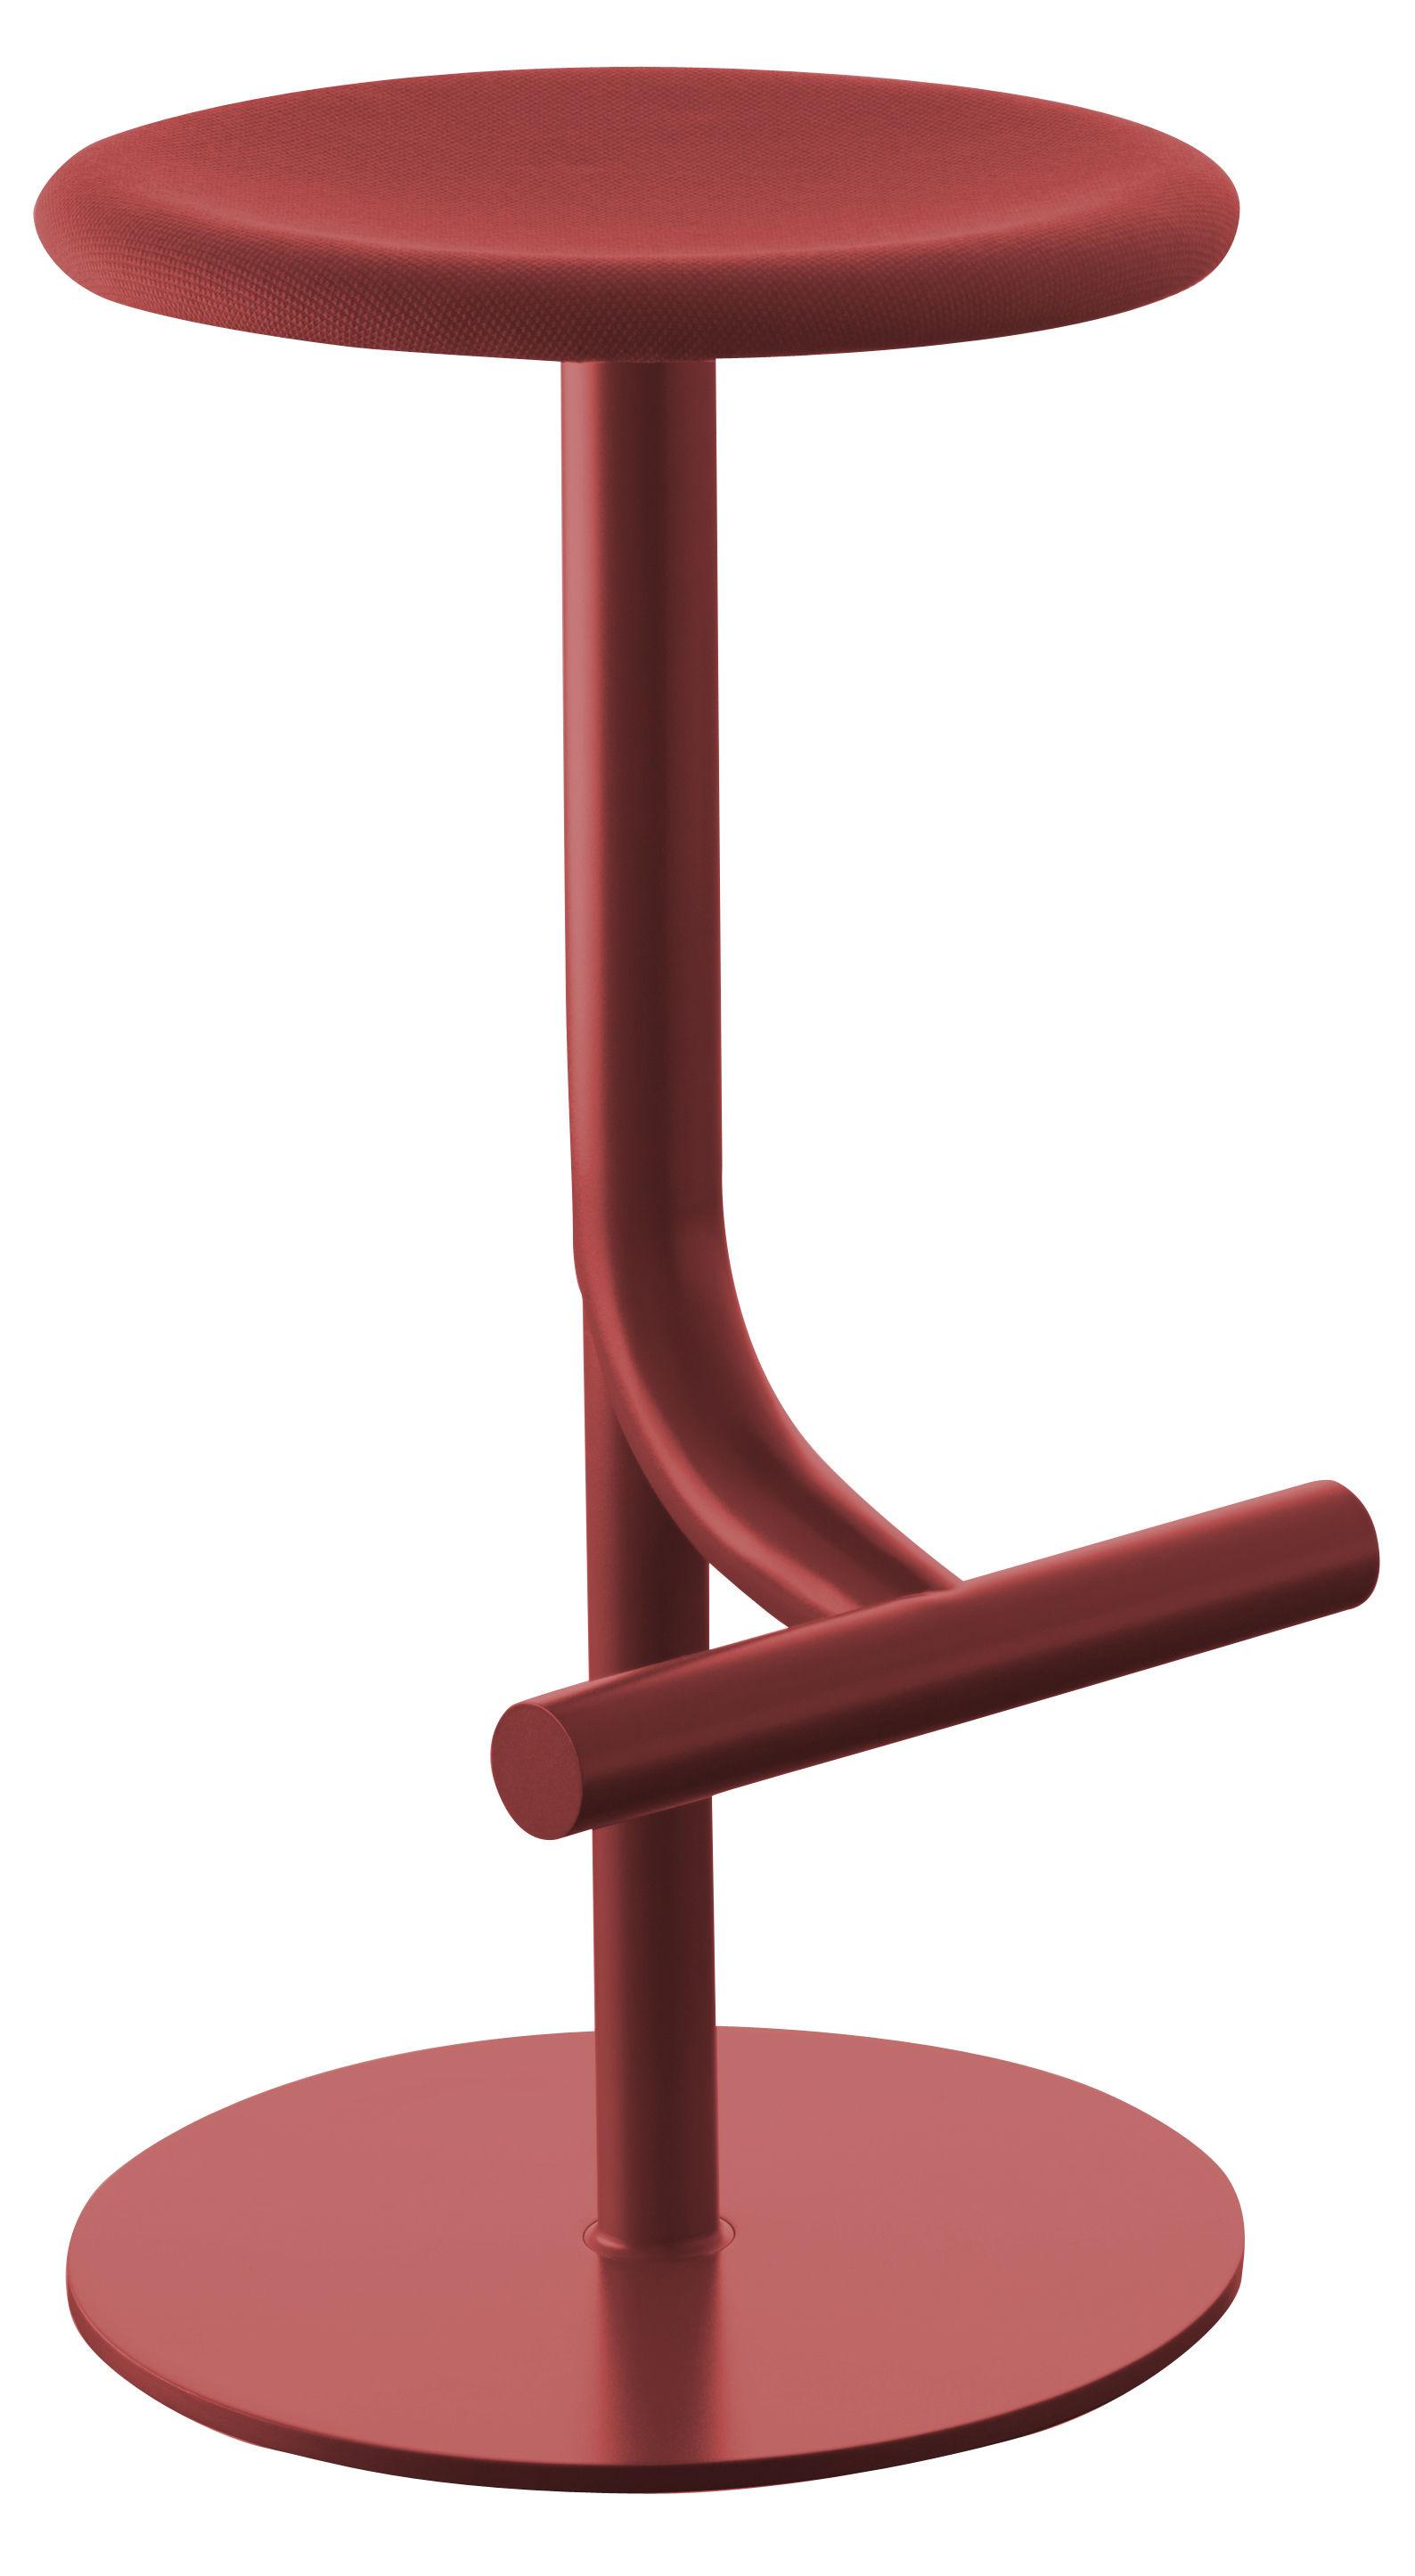 Mobilier - Tabourets de bar - Tabouret haut réglable Tibu /Pivotant - Assise tissu - Magis - Rouge foncé - Acier verni, Tissu Kvadrat